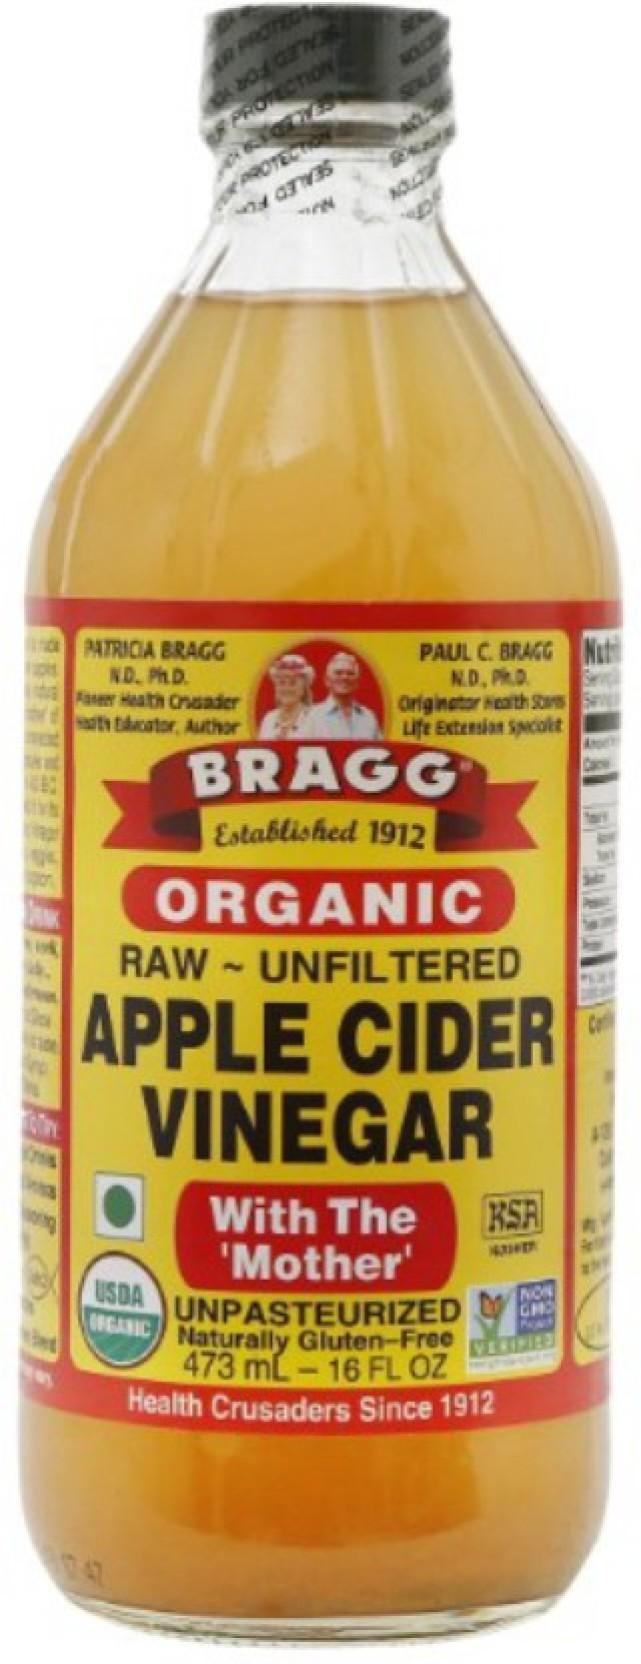 Bragg Organic Apple Cider Vinegar Price In India Buy 473 Ml Home